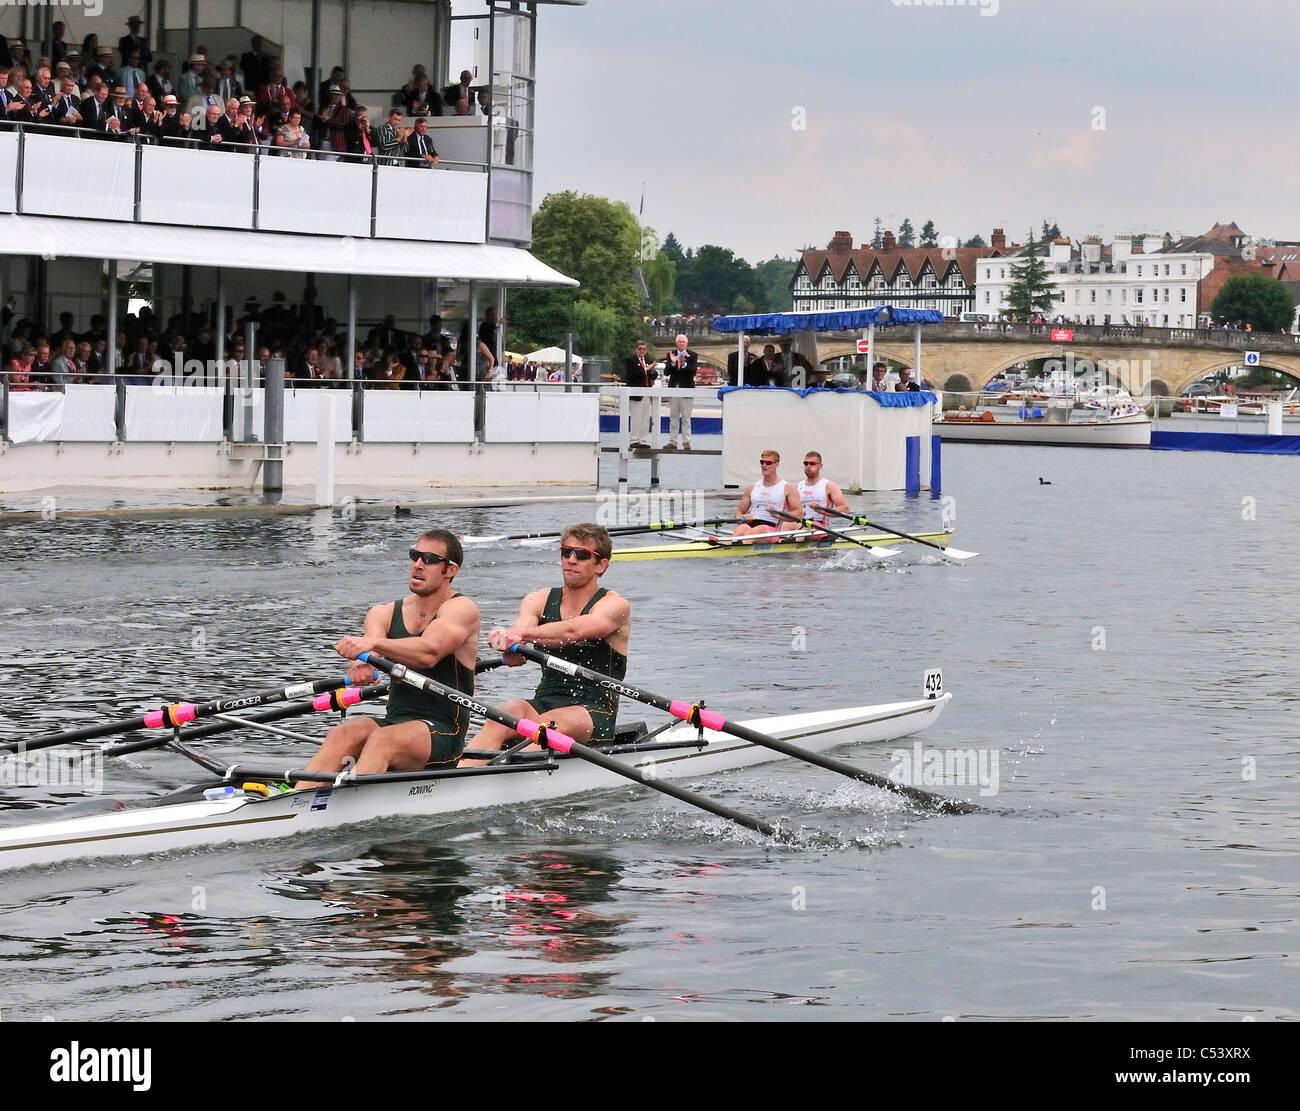 Henley Royal Regatta Finale 2011 M.W.Wells & R.M. Bateman (Leander Club) beat D.W. Crawshay & S.Brennan (Aus.Institute of Sport) Banque D'Images